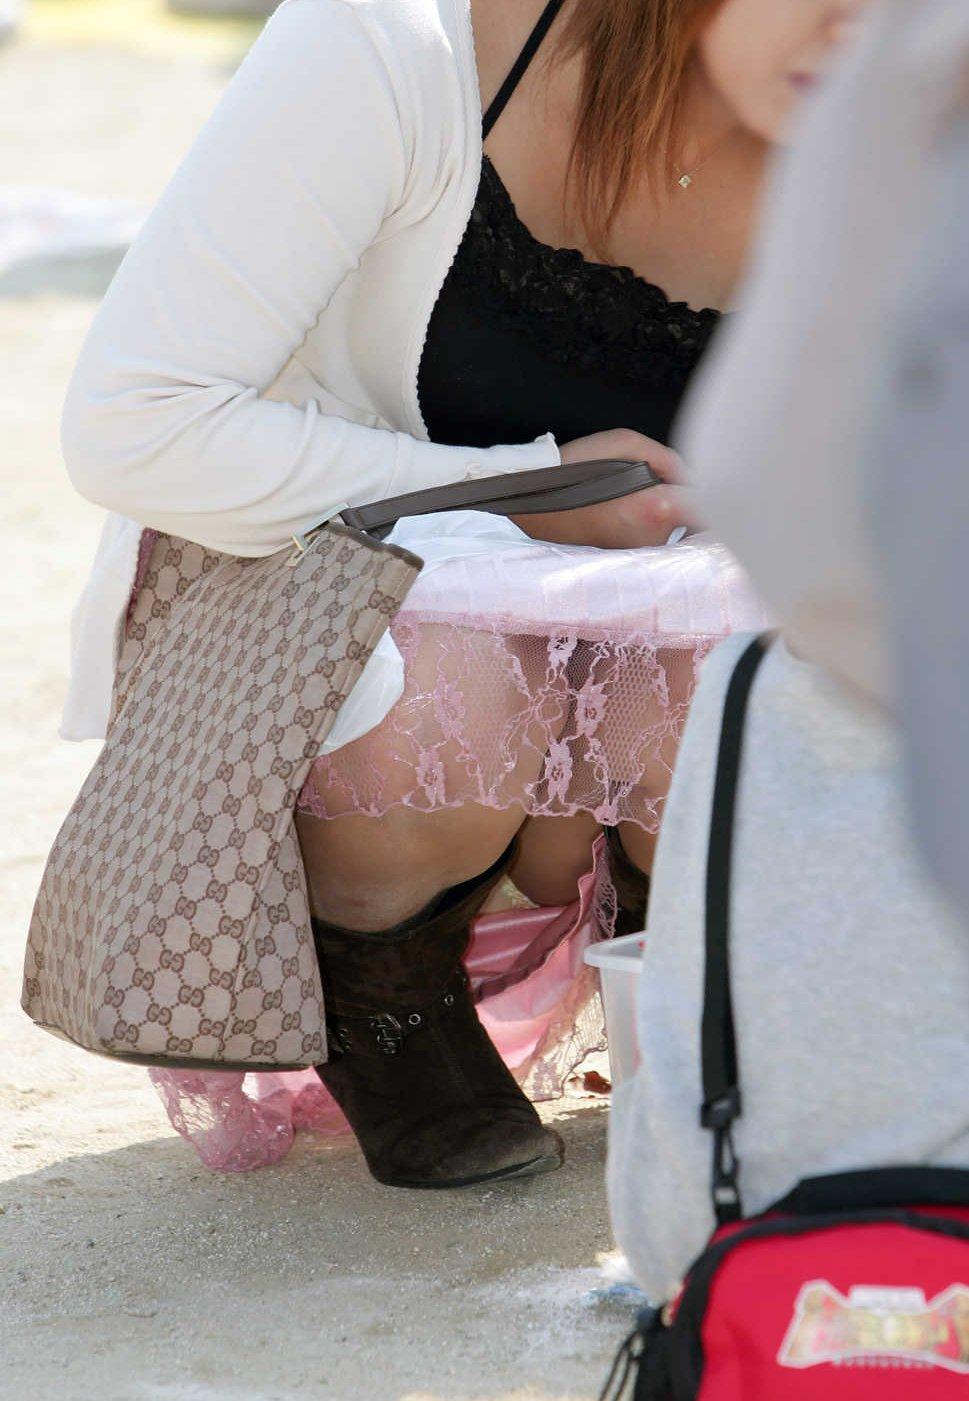 【パンチラエロ画像】ミニスカなのに性懲りも無くしゃがみ込む女が多いからどこ見ていいか判断に迷うwww 10